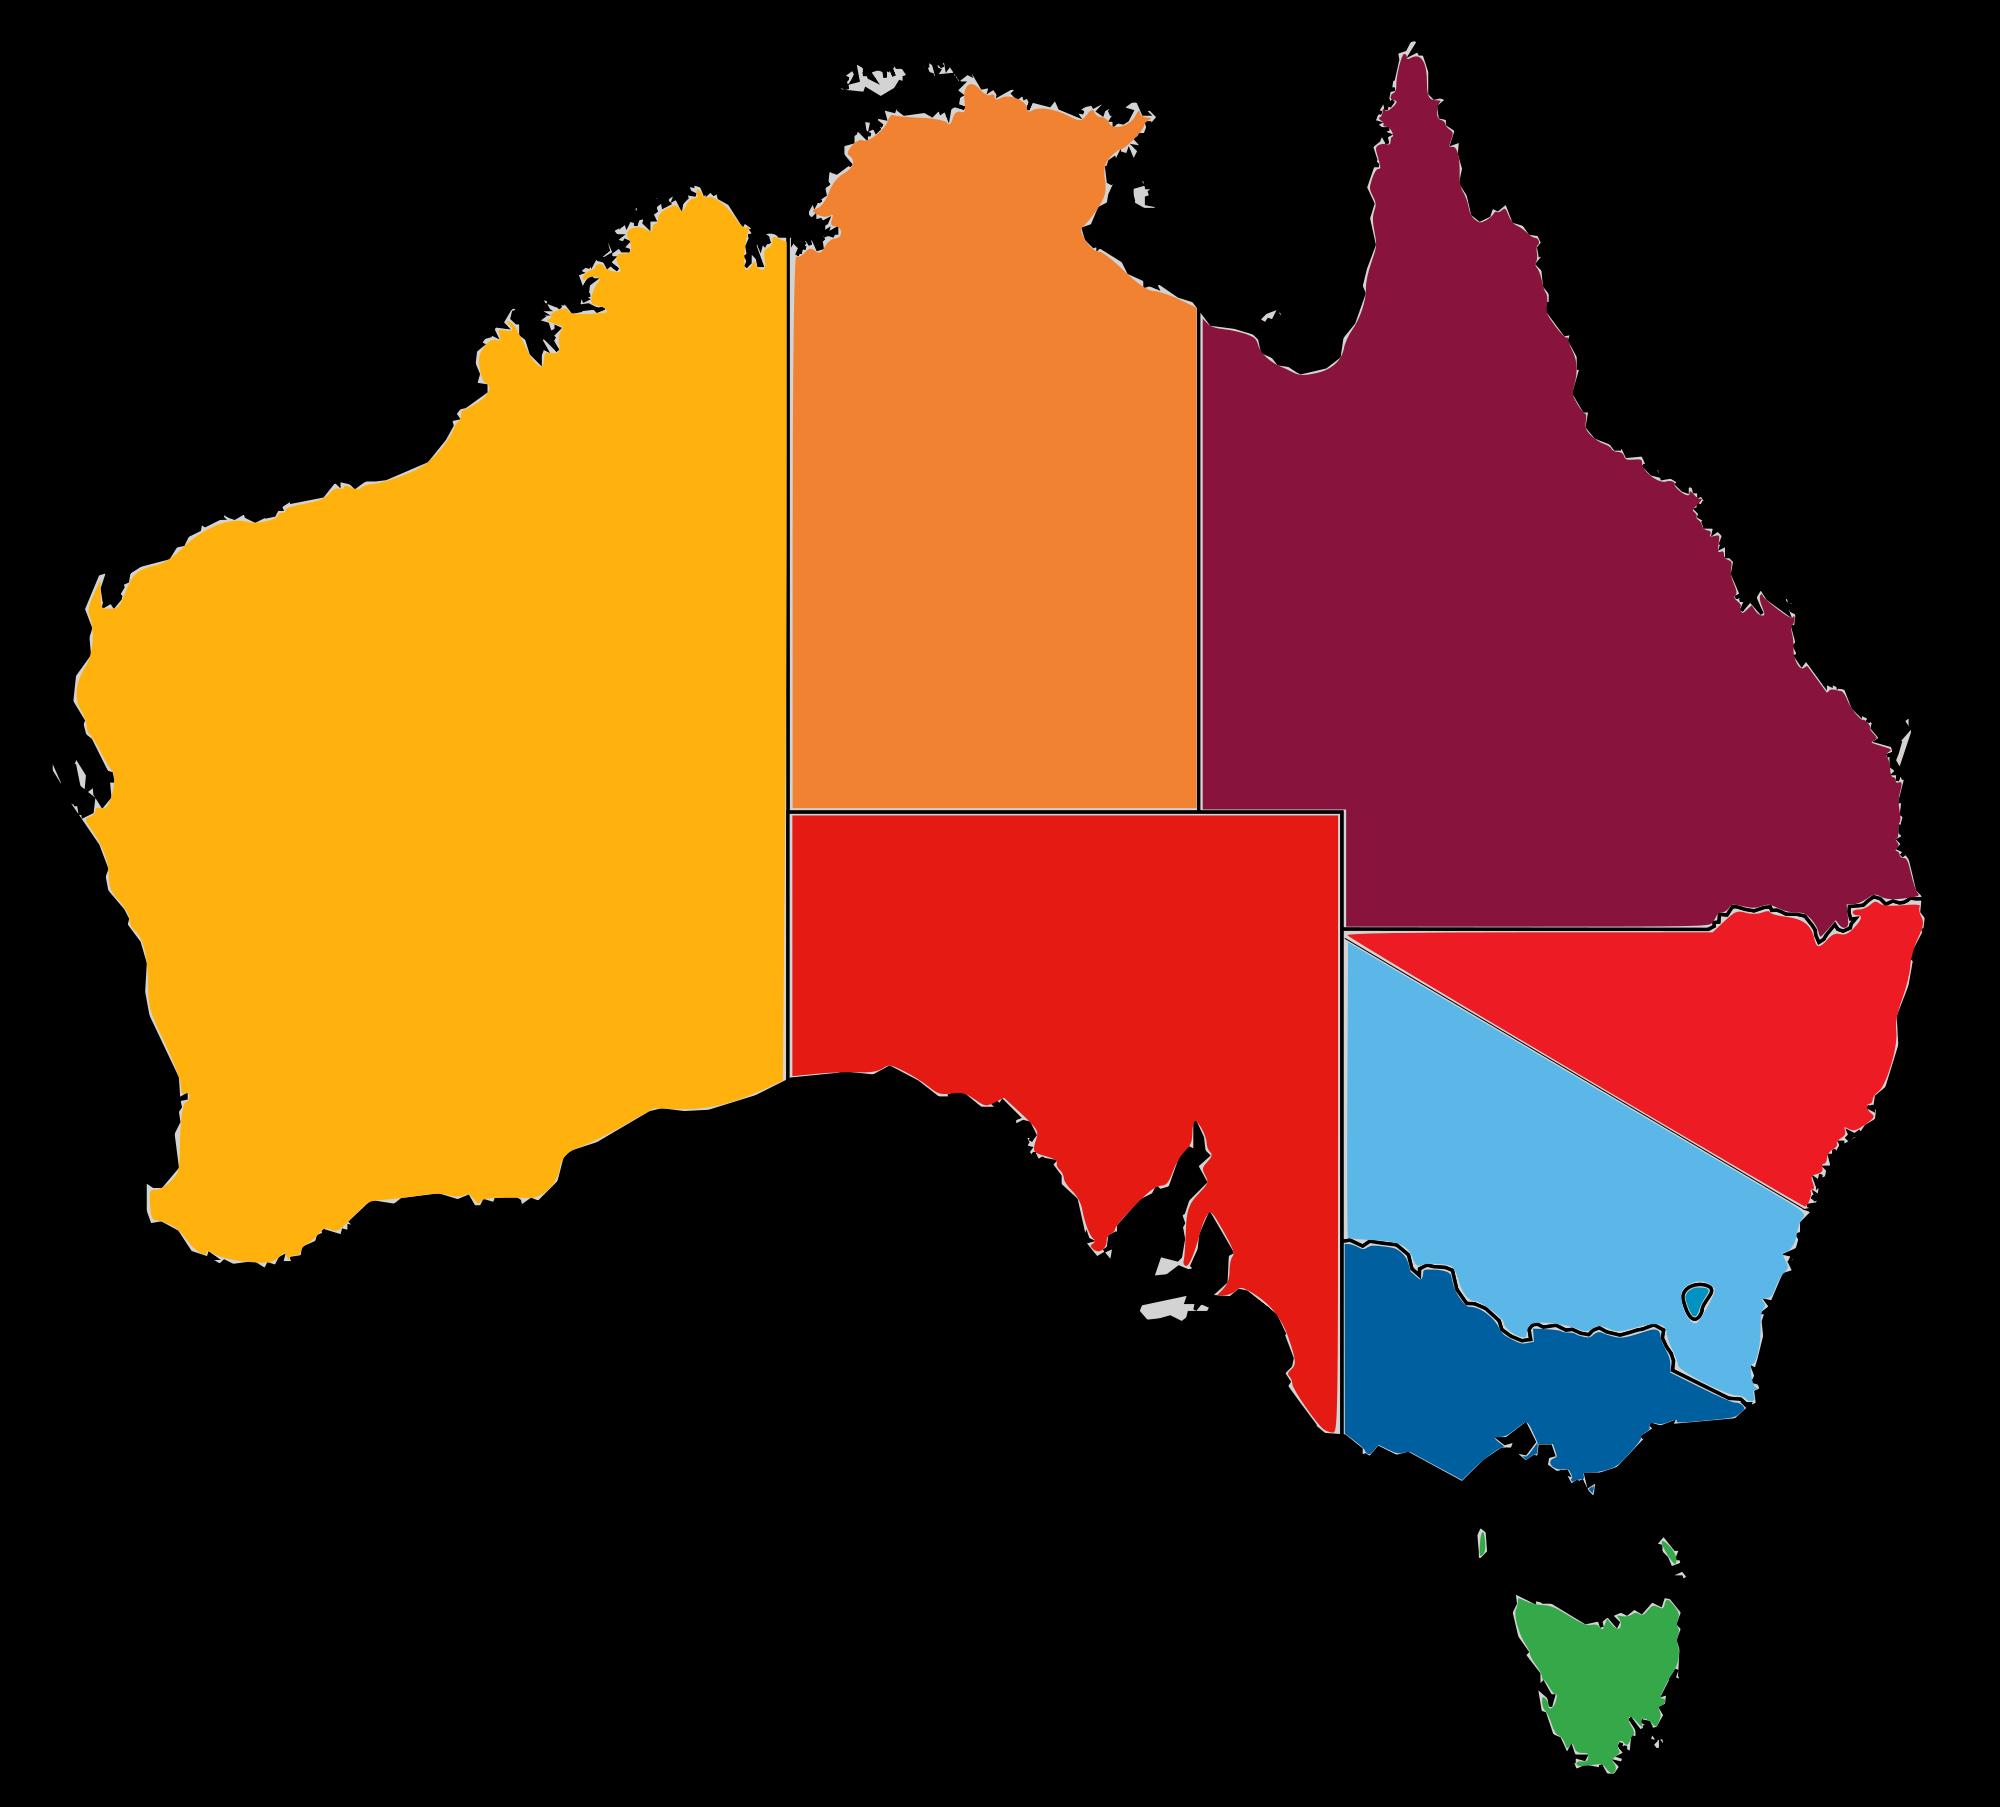 Australian soccer league system - Wikipedia